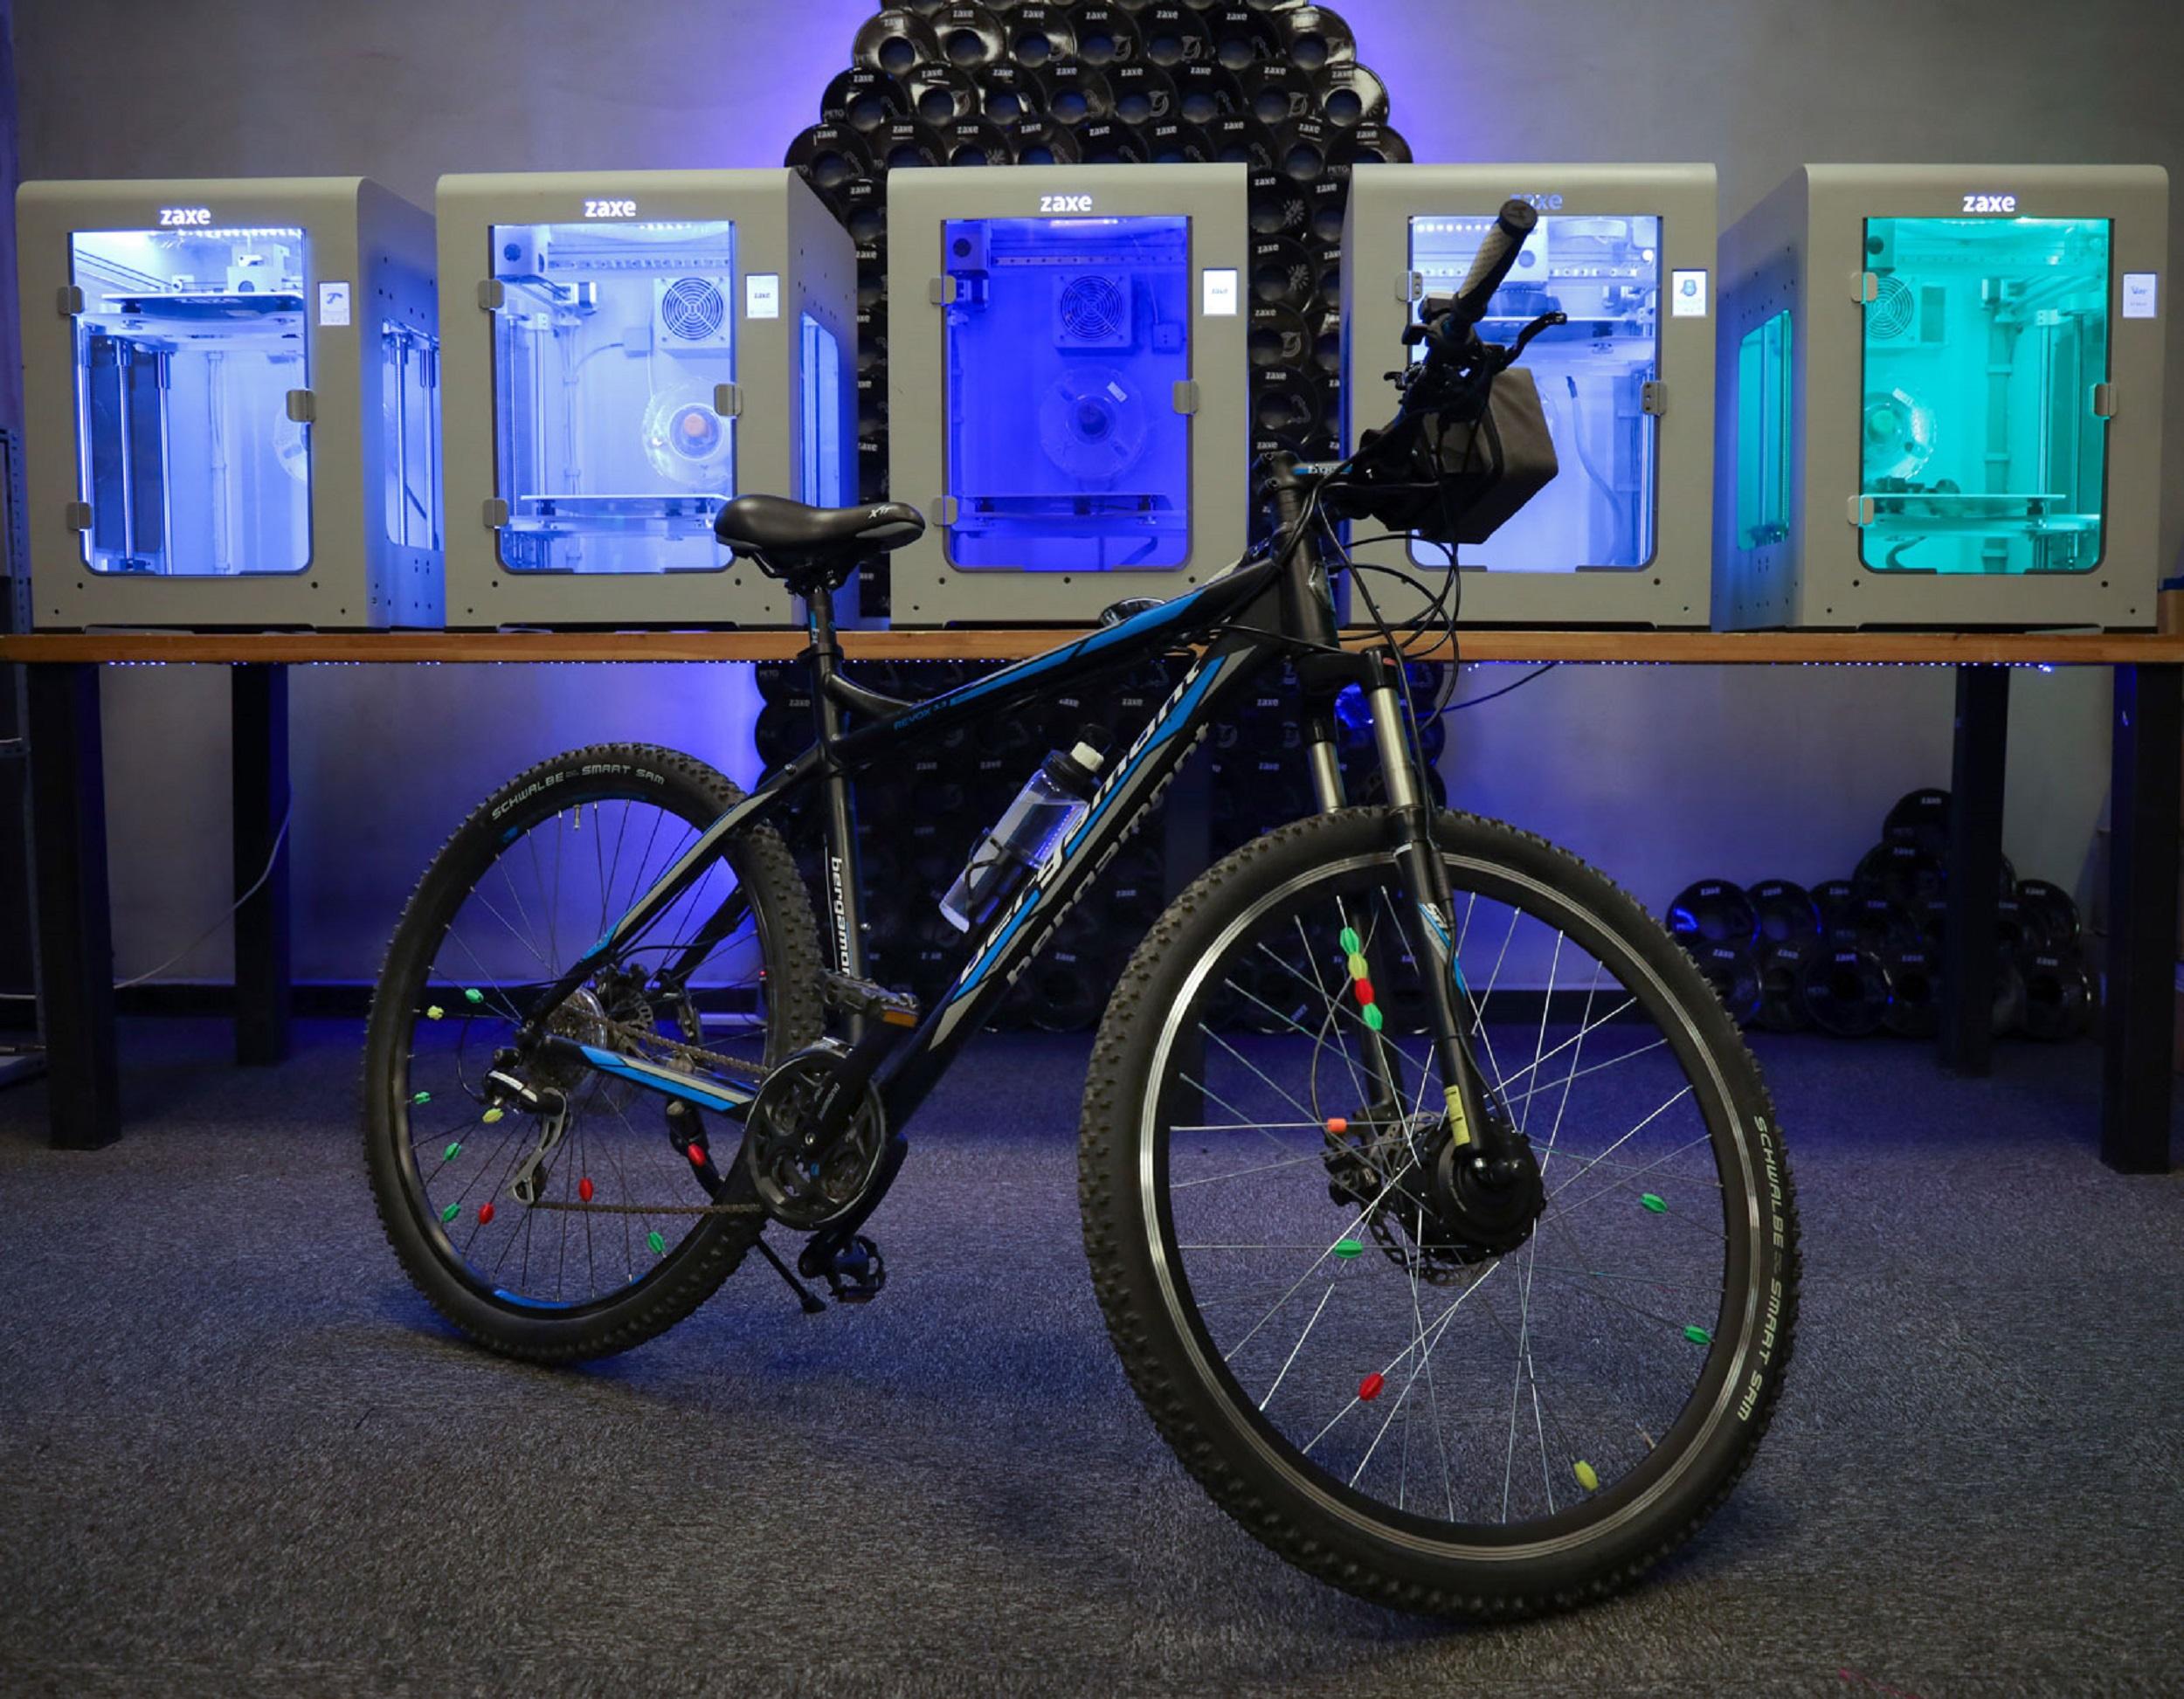 Elektirikli Bisiklet Kiti 3D Yazıcılar ile Üretiliyor